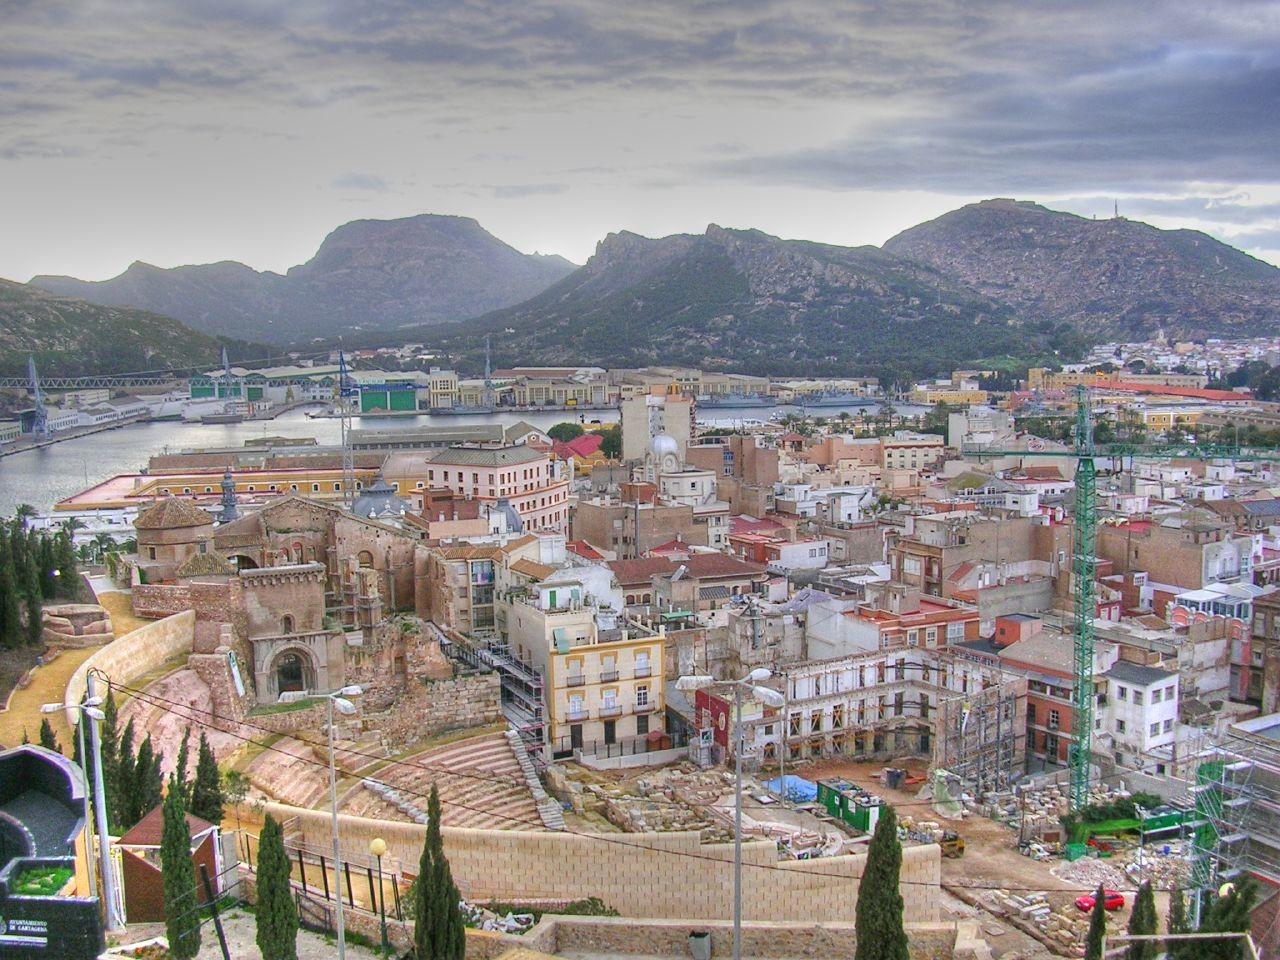 Wrażenia z Murcji, Hiszpania oczami Manueli